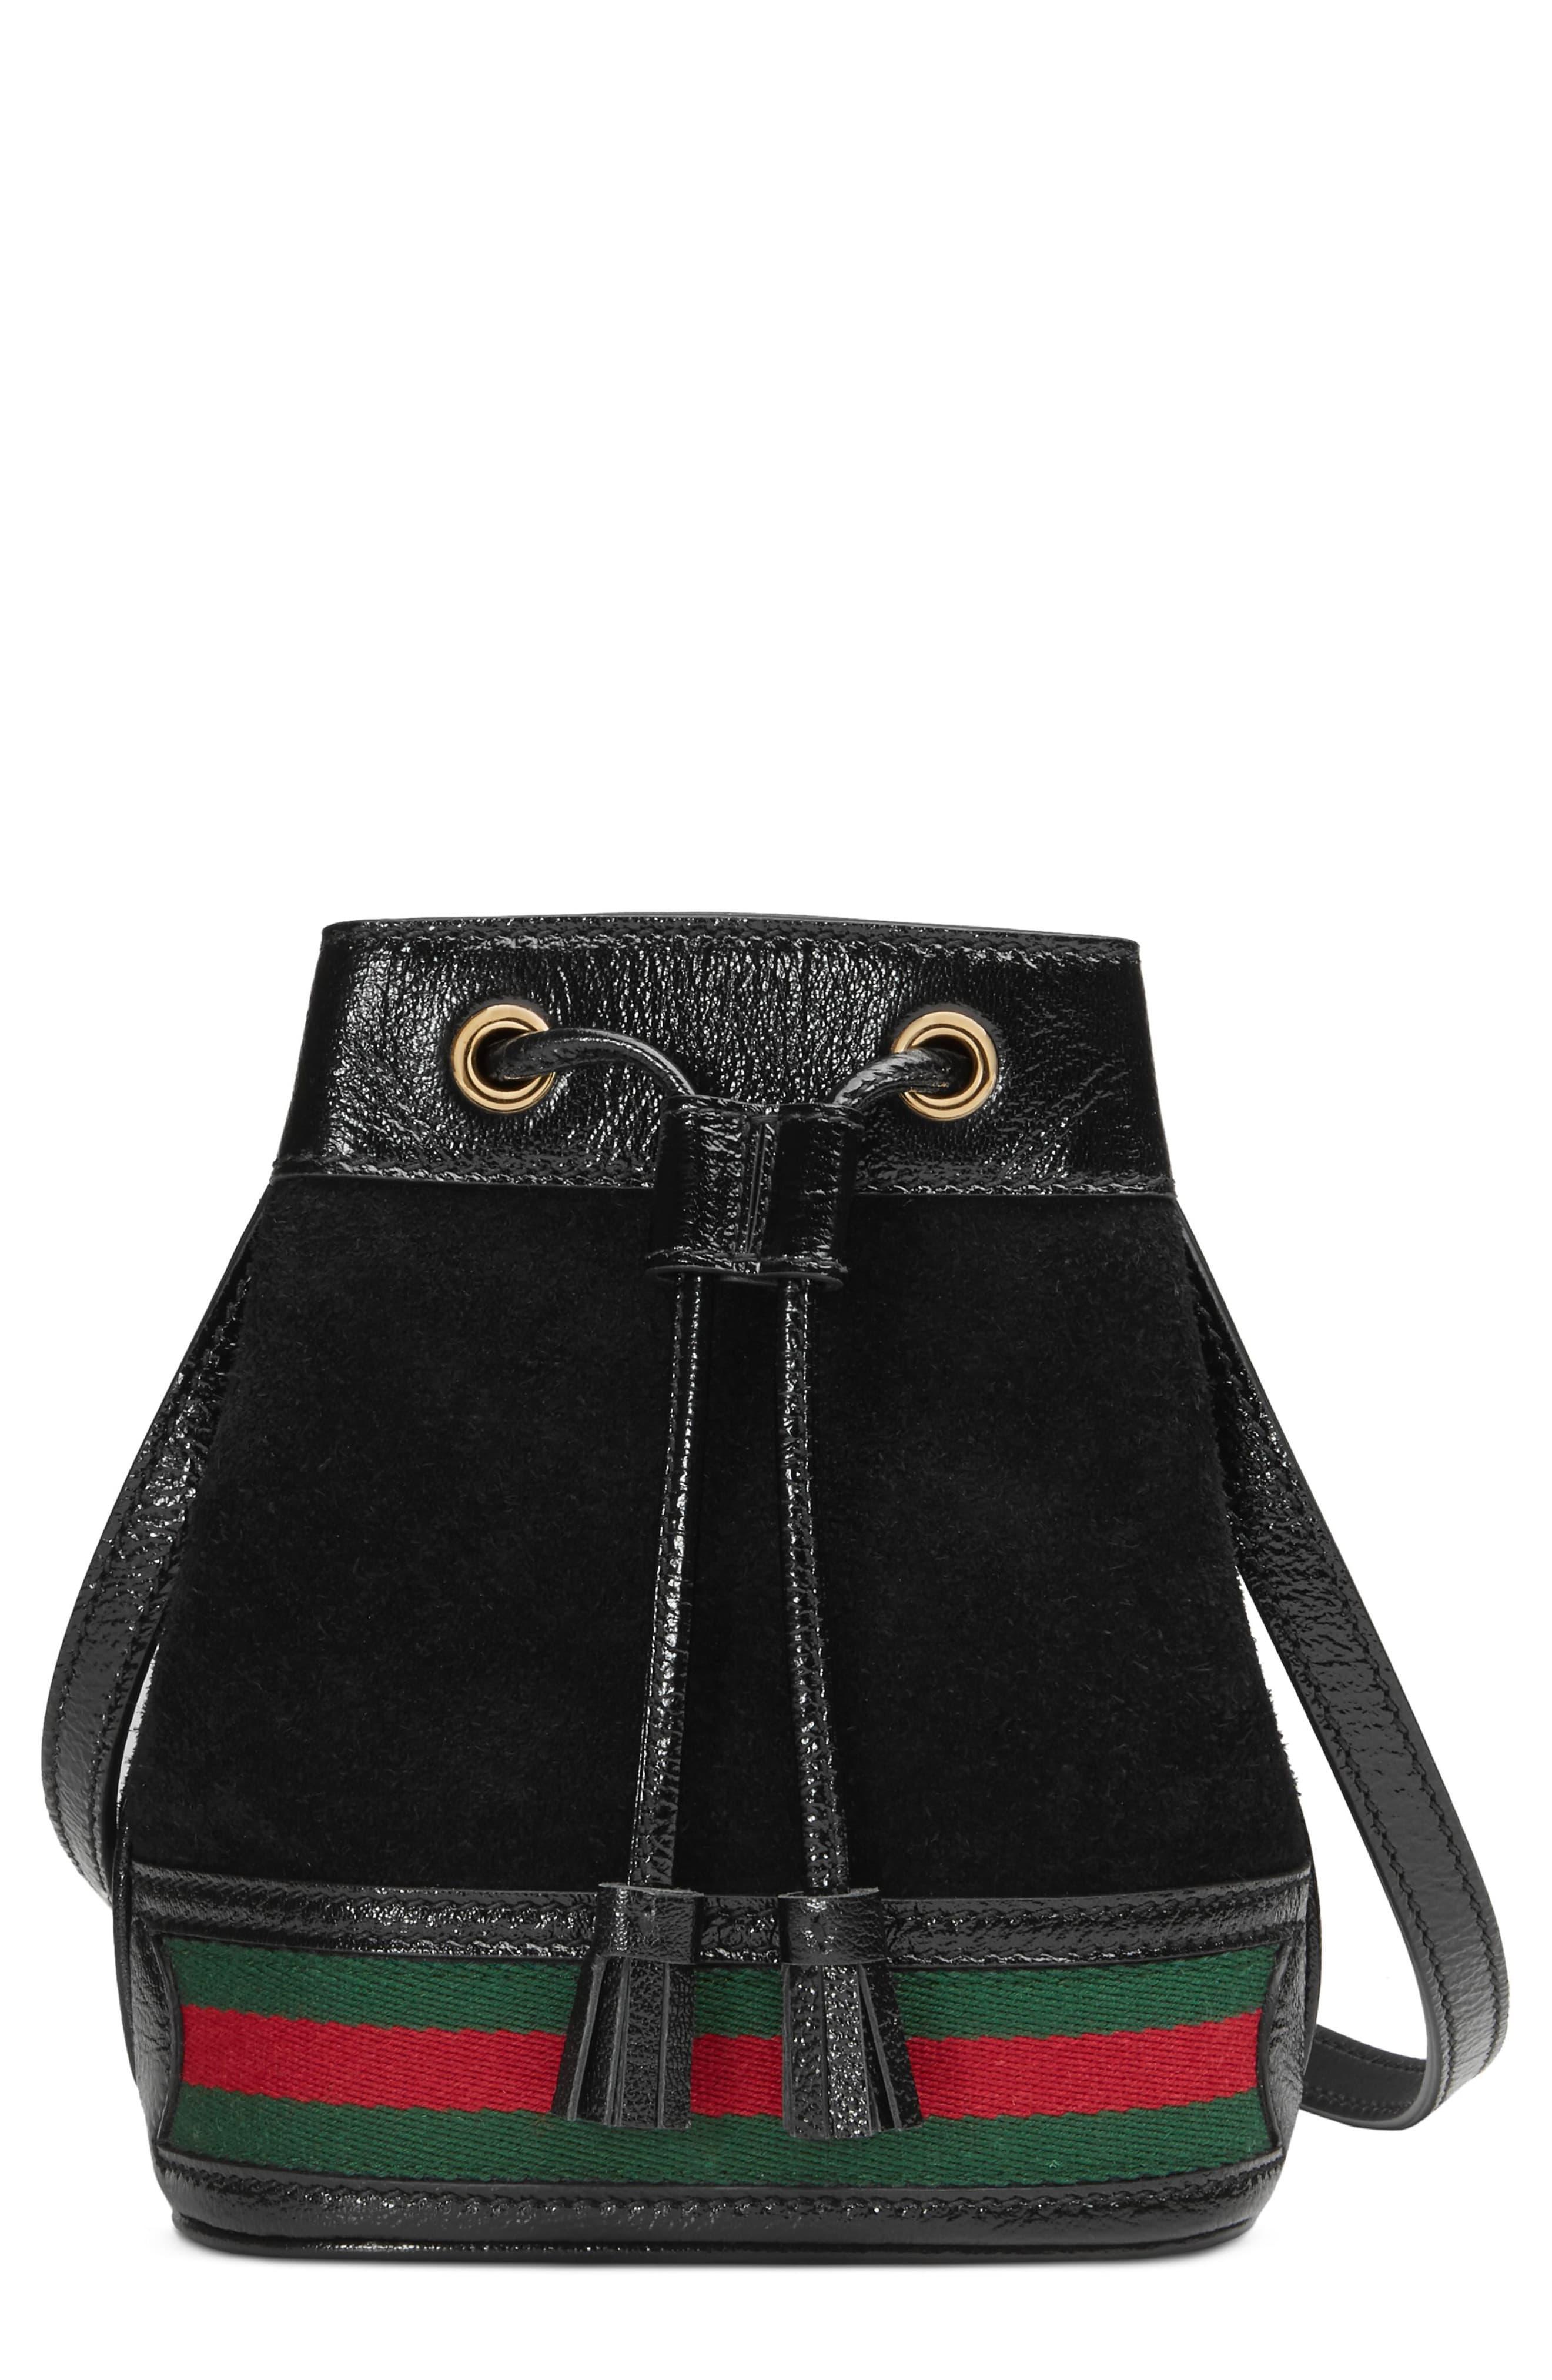 eb89dd345b4d Gucci Mini Ophidia Suede & Leather Bucket Bag - in Black - Lyst